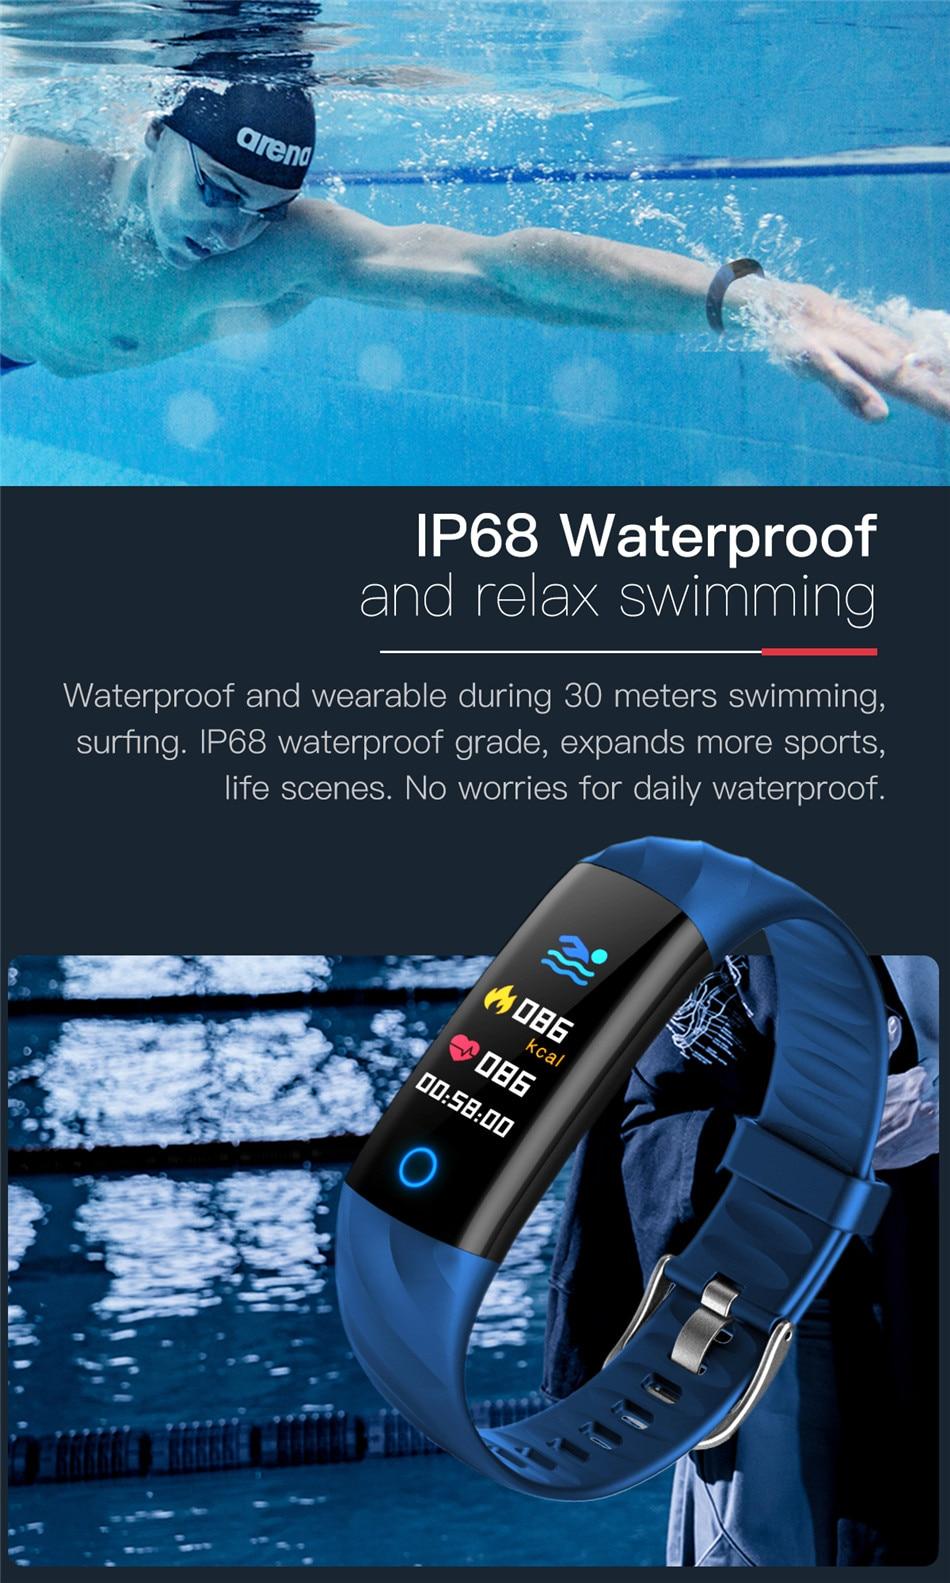 HTB1eVhDXozrK1RjSspmq6AOdFXao LIGE Smart Watch Women IP68 Waterproof Sport Bracelet Smart Fitness Tracker Blood Pressure Heart Rate Monitor intelligent Watch